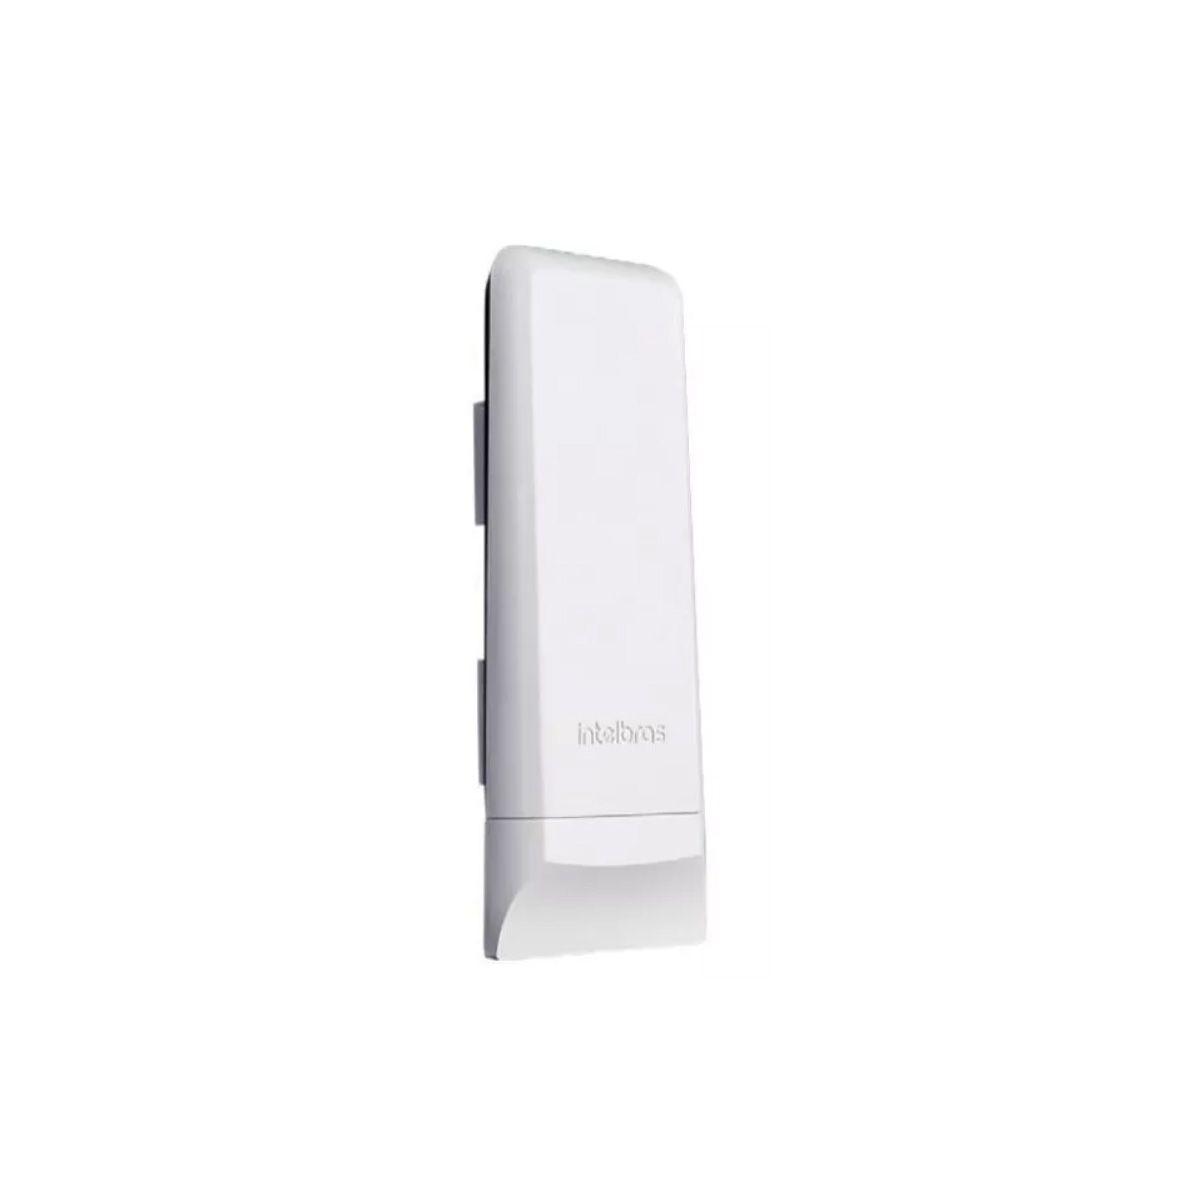 Rádio Antena Cpe Wireless Intelbras Wom 5a Siso 5 Ghz 16 Dbi